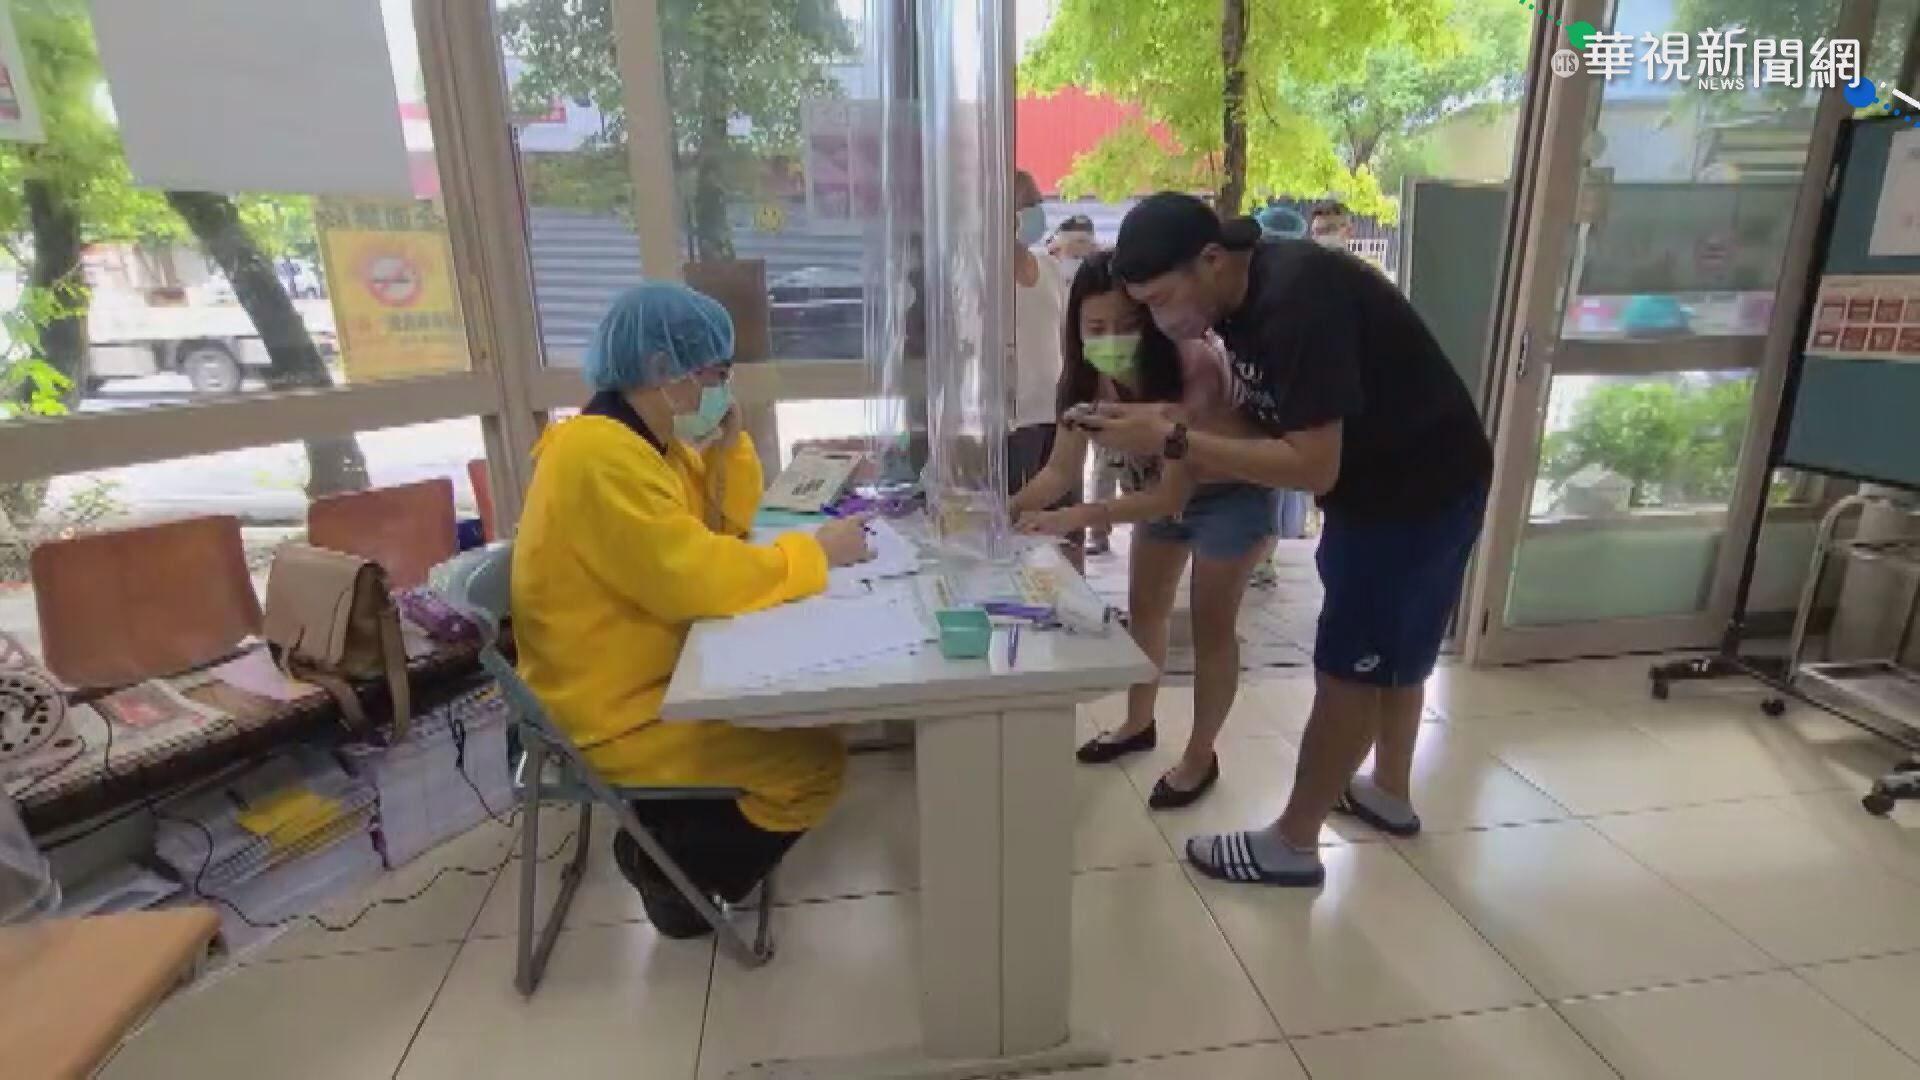 宜蘭疫苗殘劑預約額滿 4幸運兒完成接種